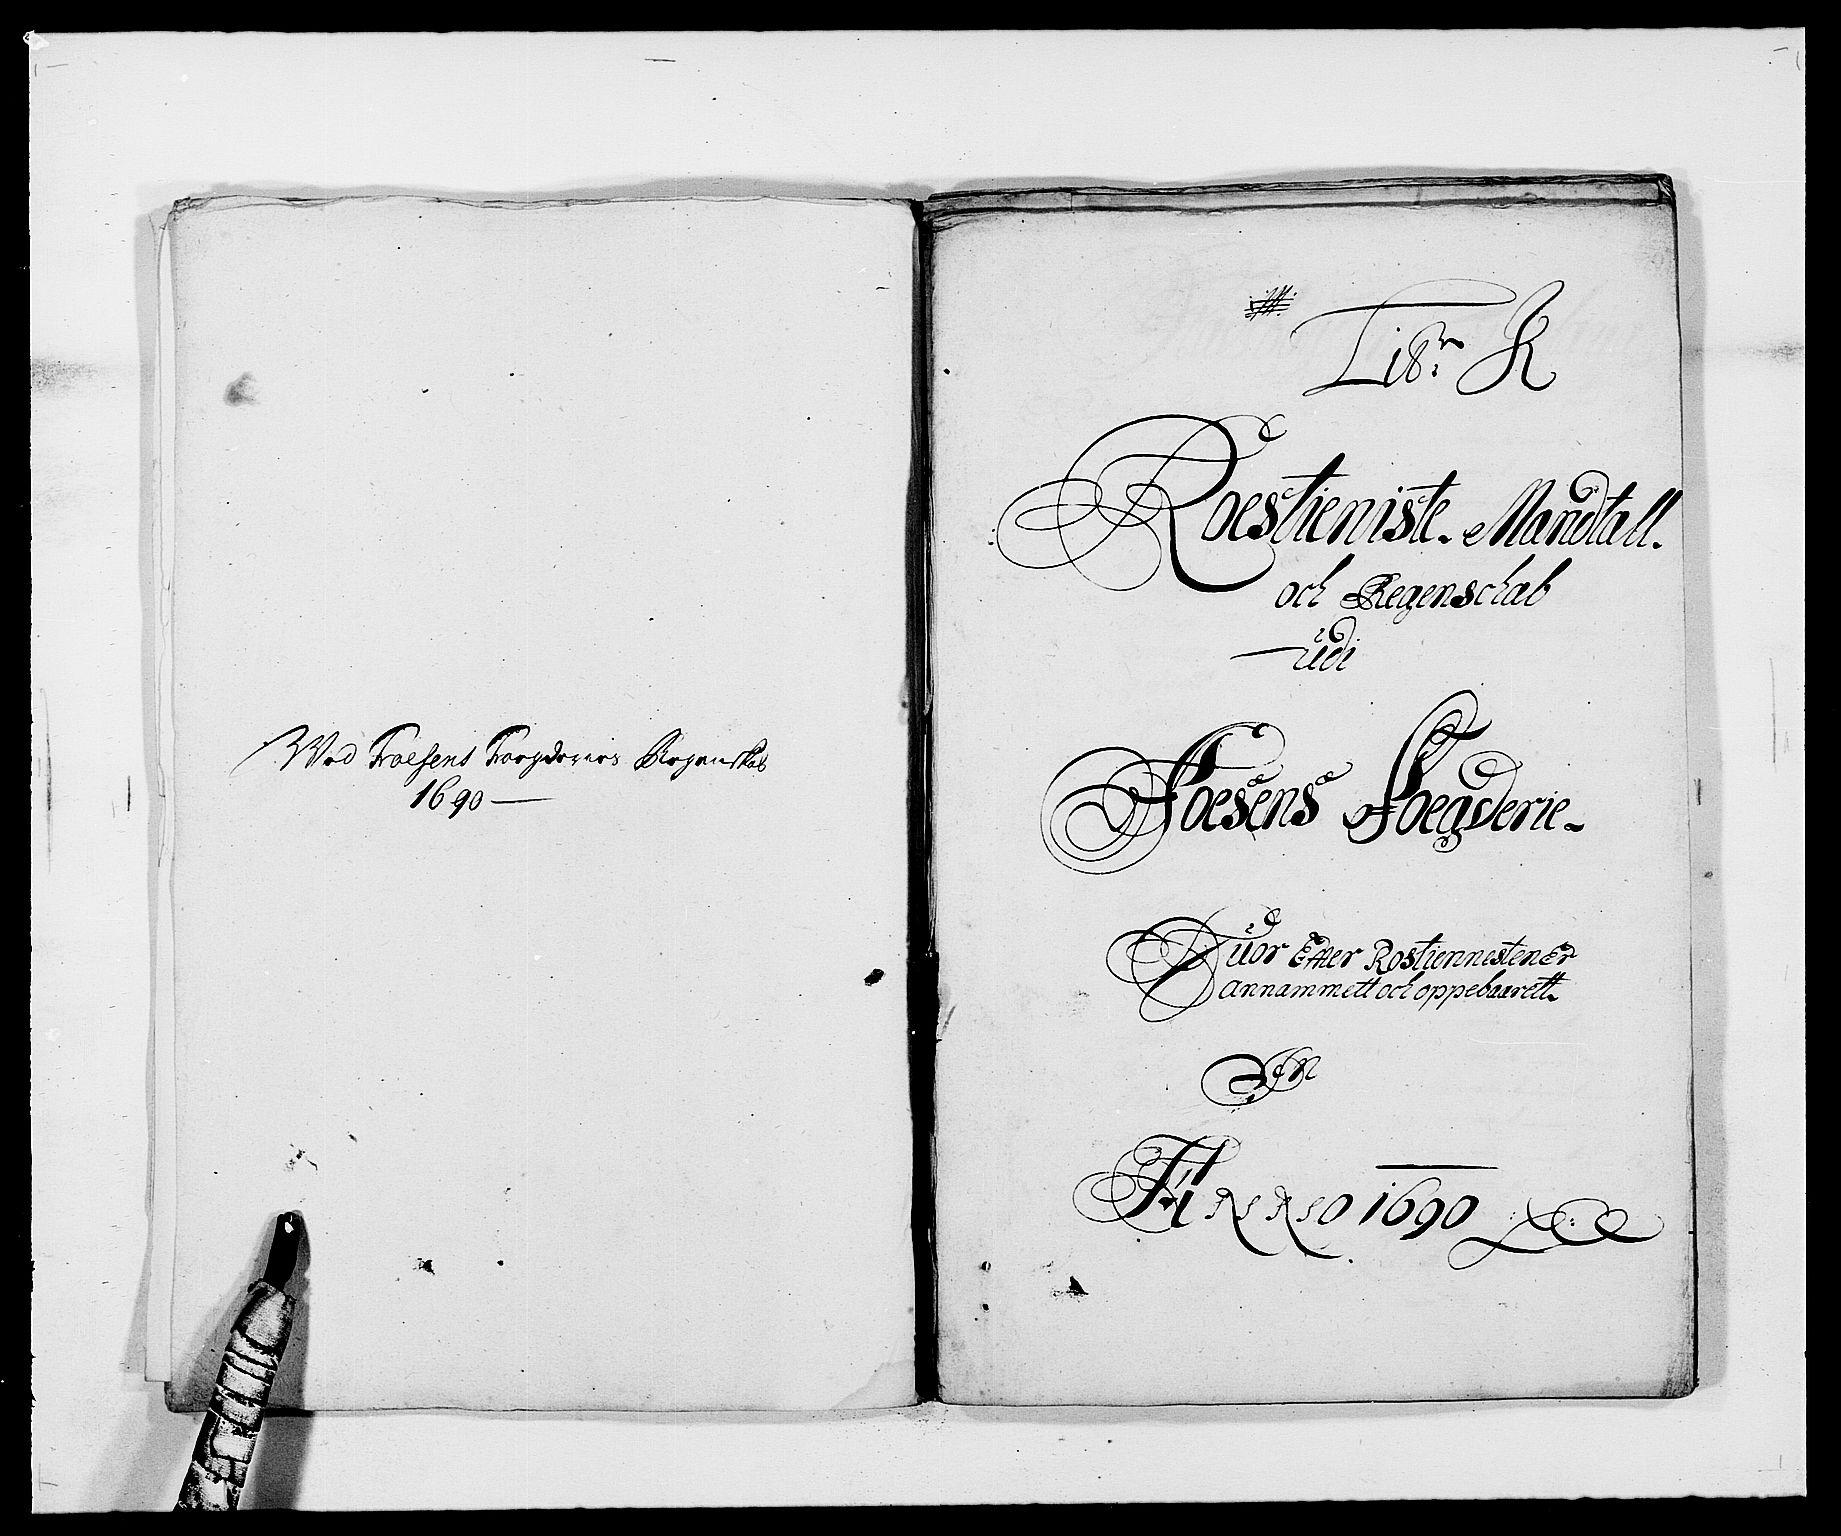 RA, Rentekammeret inntil 1814, Reviderte regnskaper, Fogderegnskap, R57/L3848: Fogderegnskap Fosen, 1690-1691, s. 143